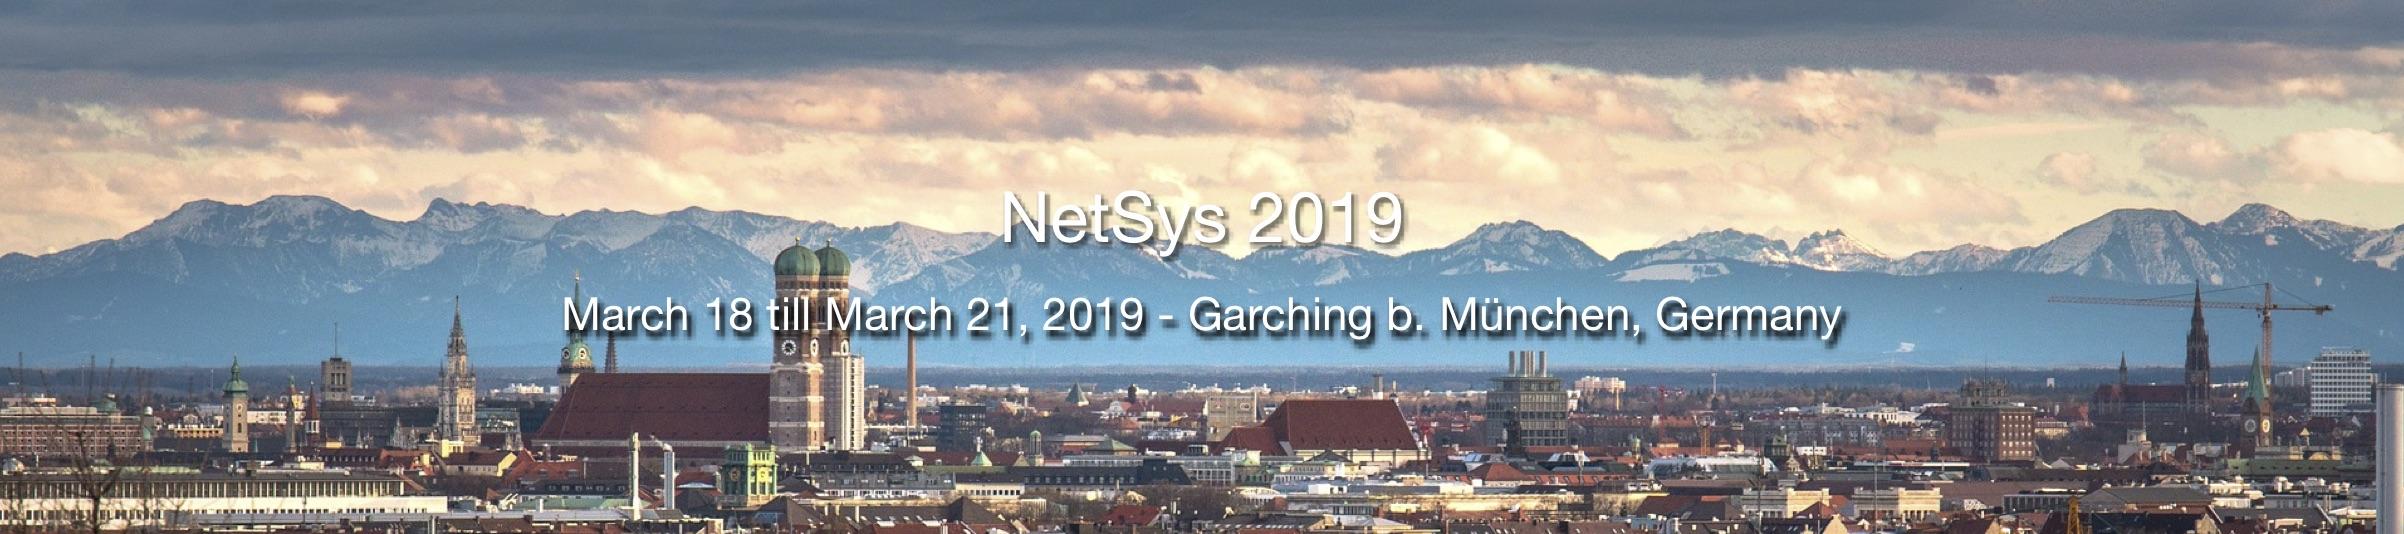 NetSys'19